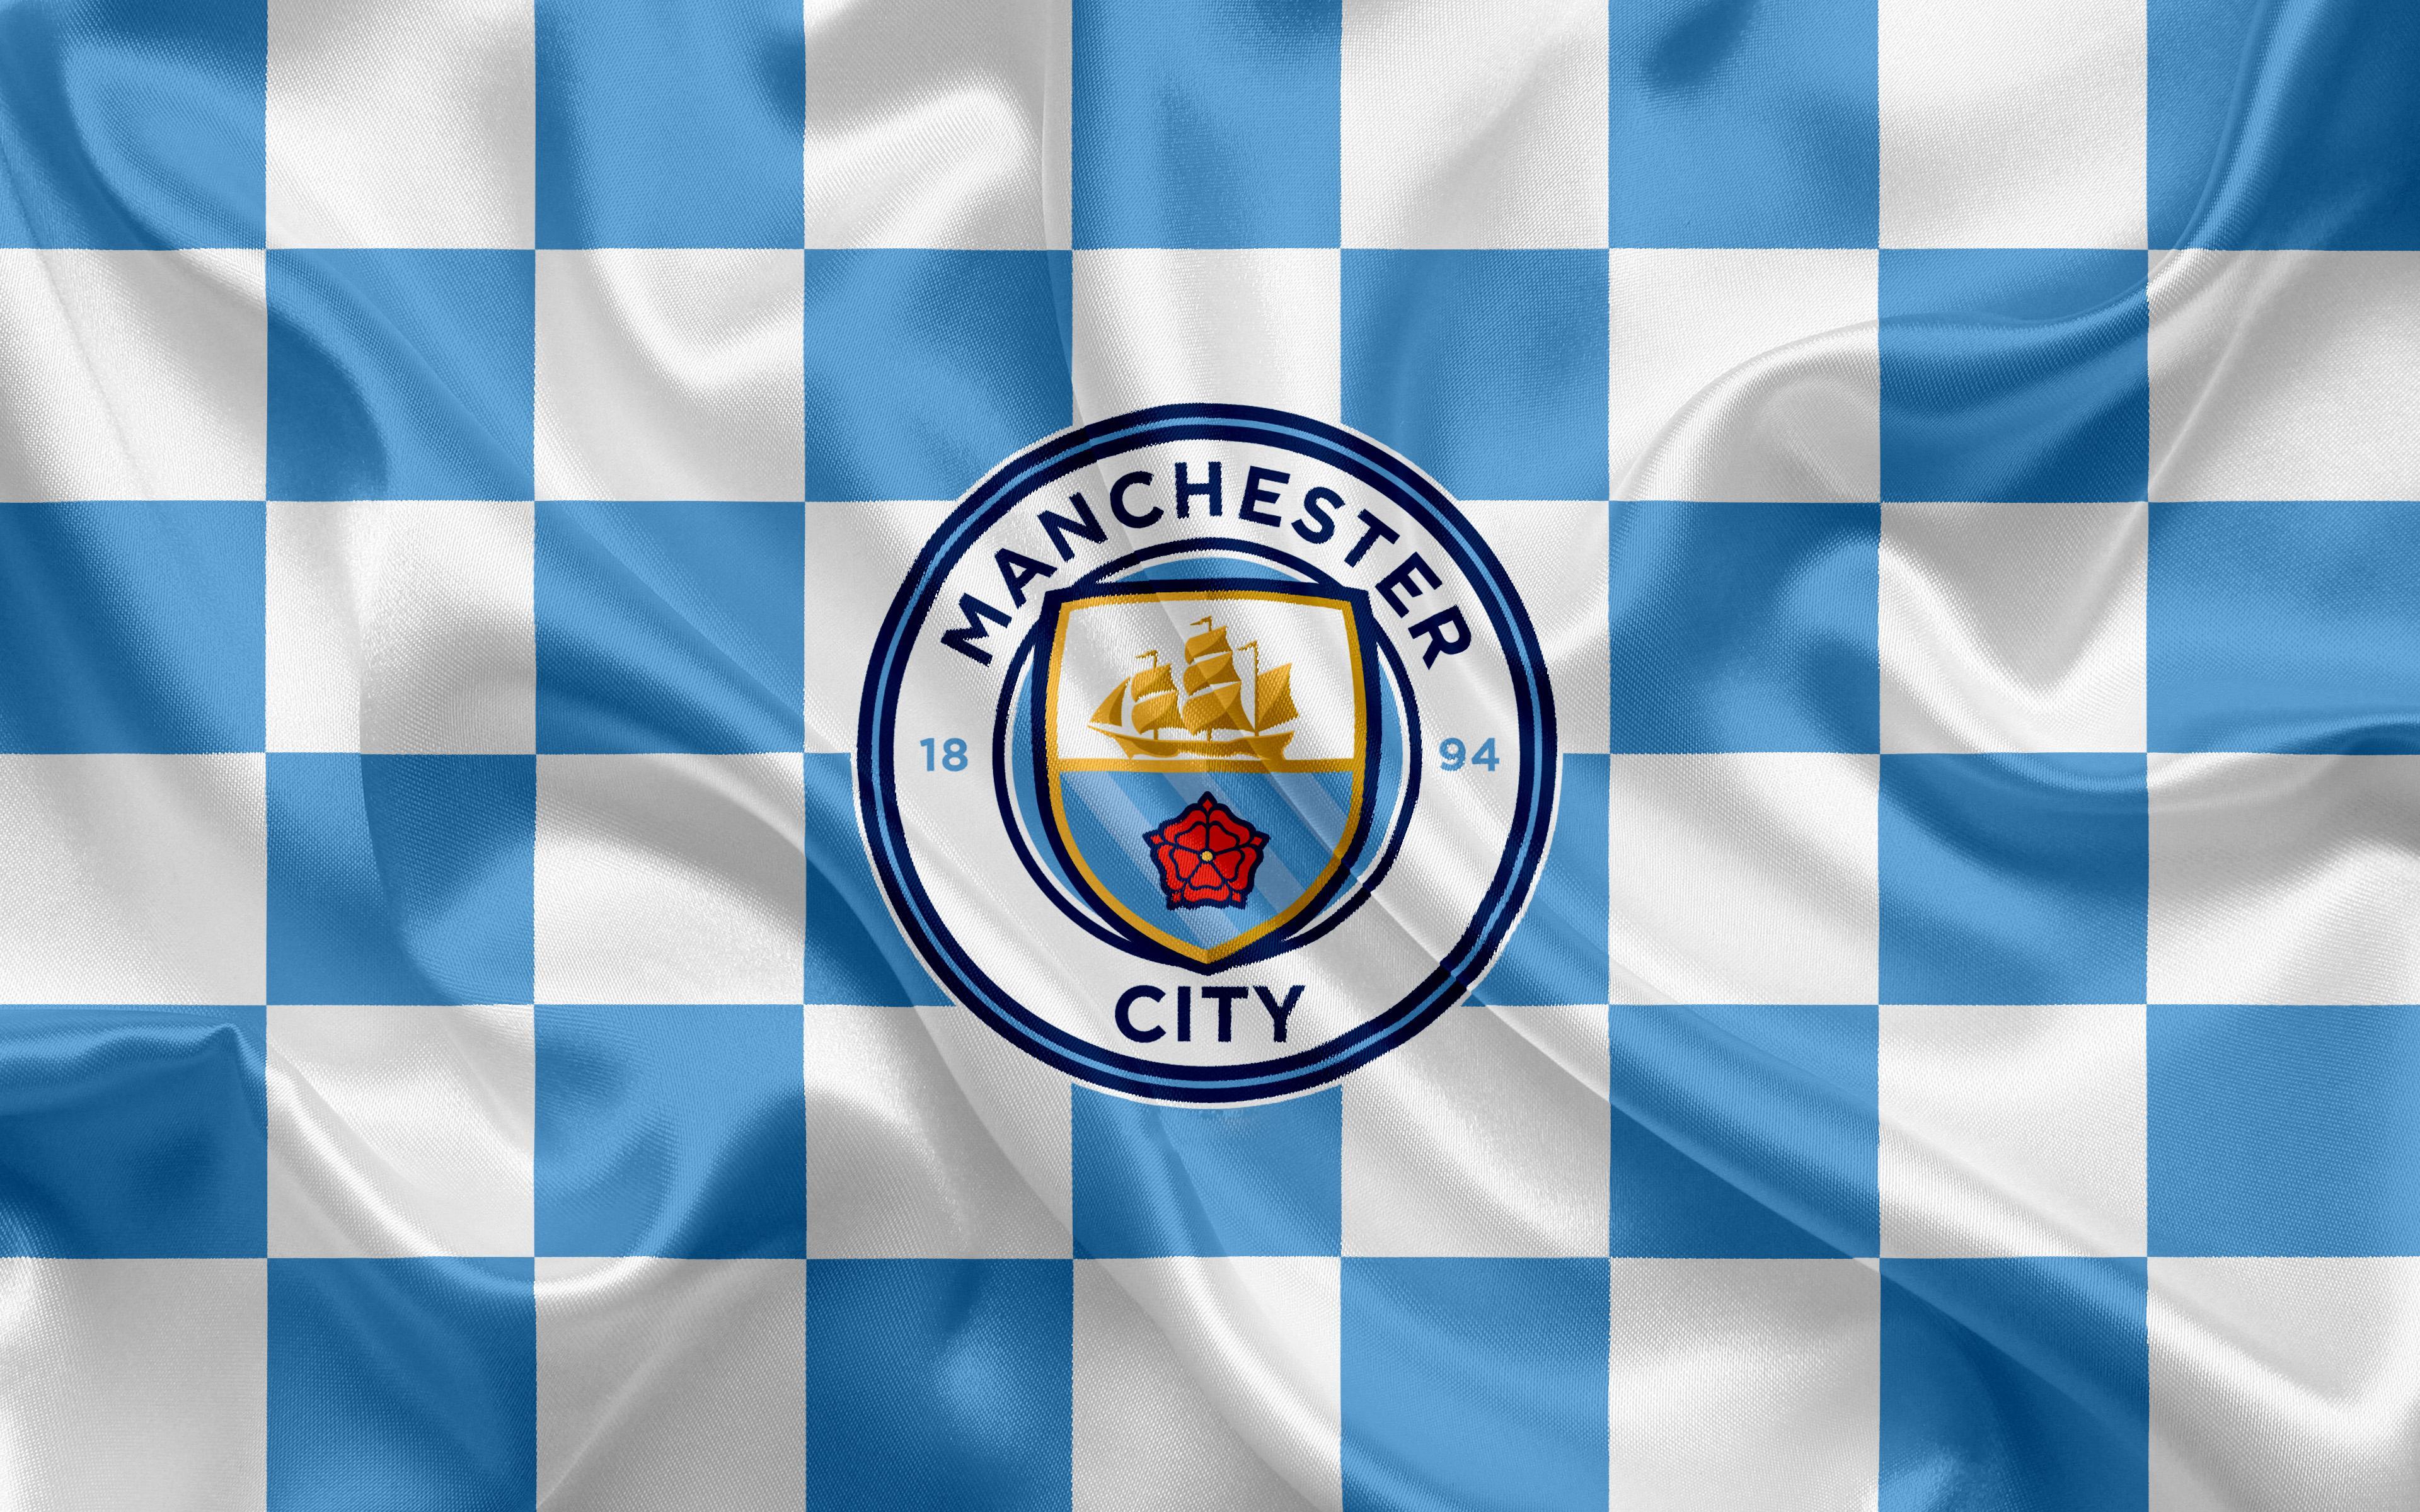 Manchester City Desktop Hd Wallpapers - Wallpaper Cave